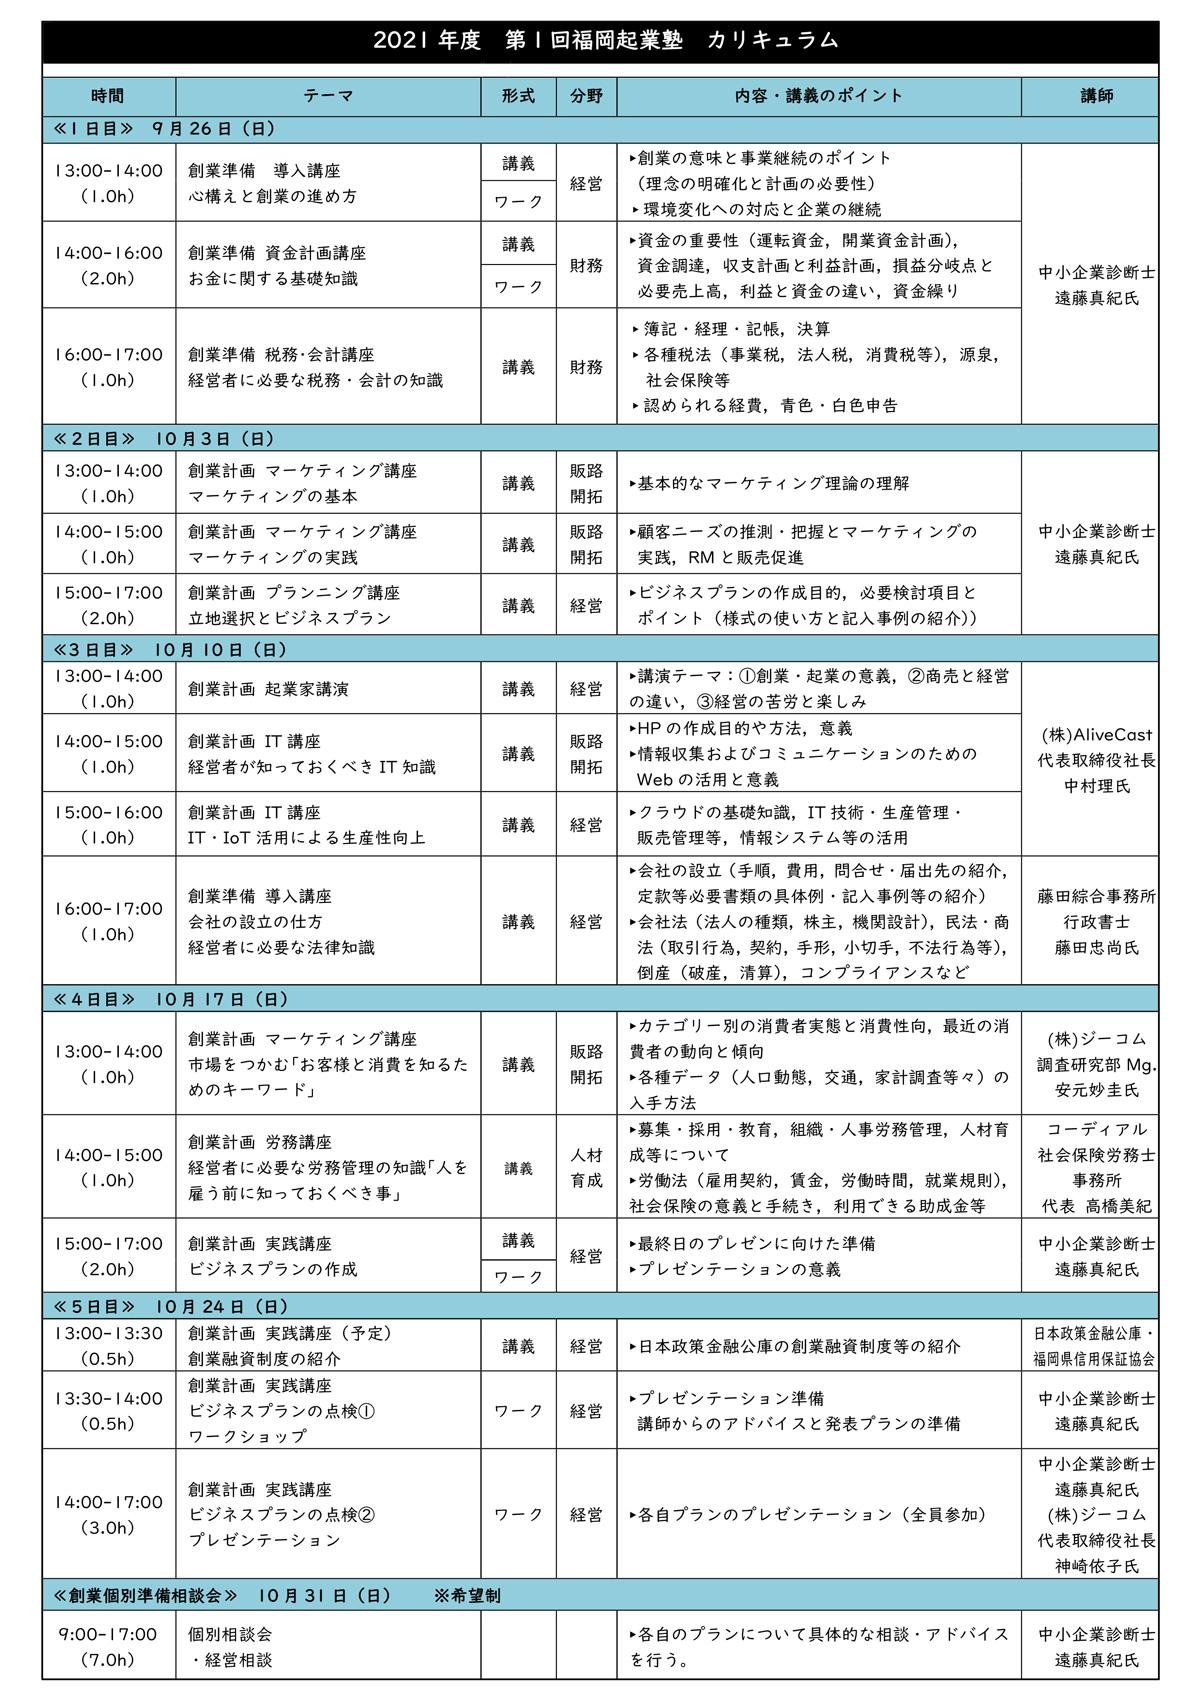 福岡起業塾 カリキュラム